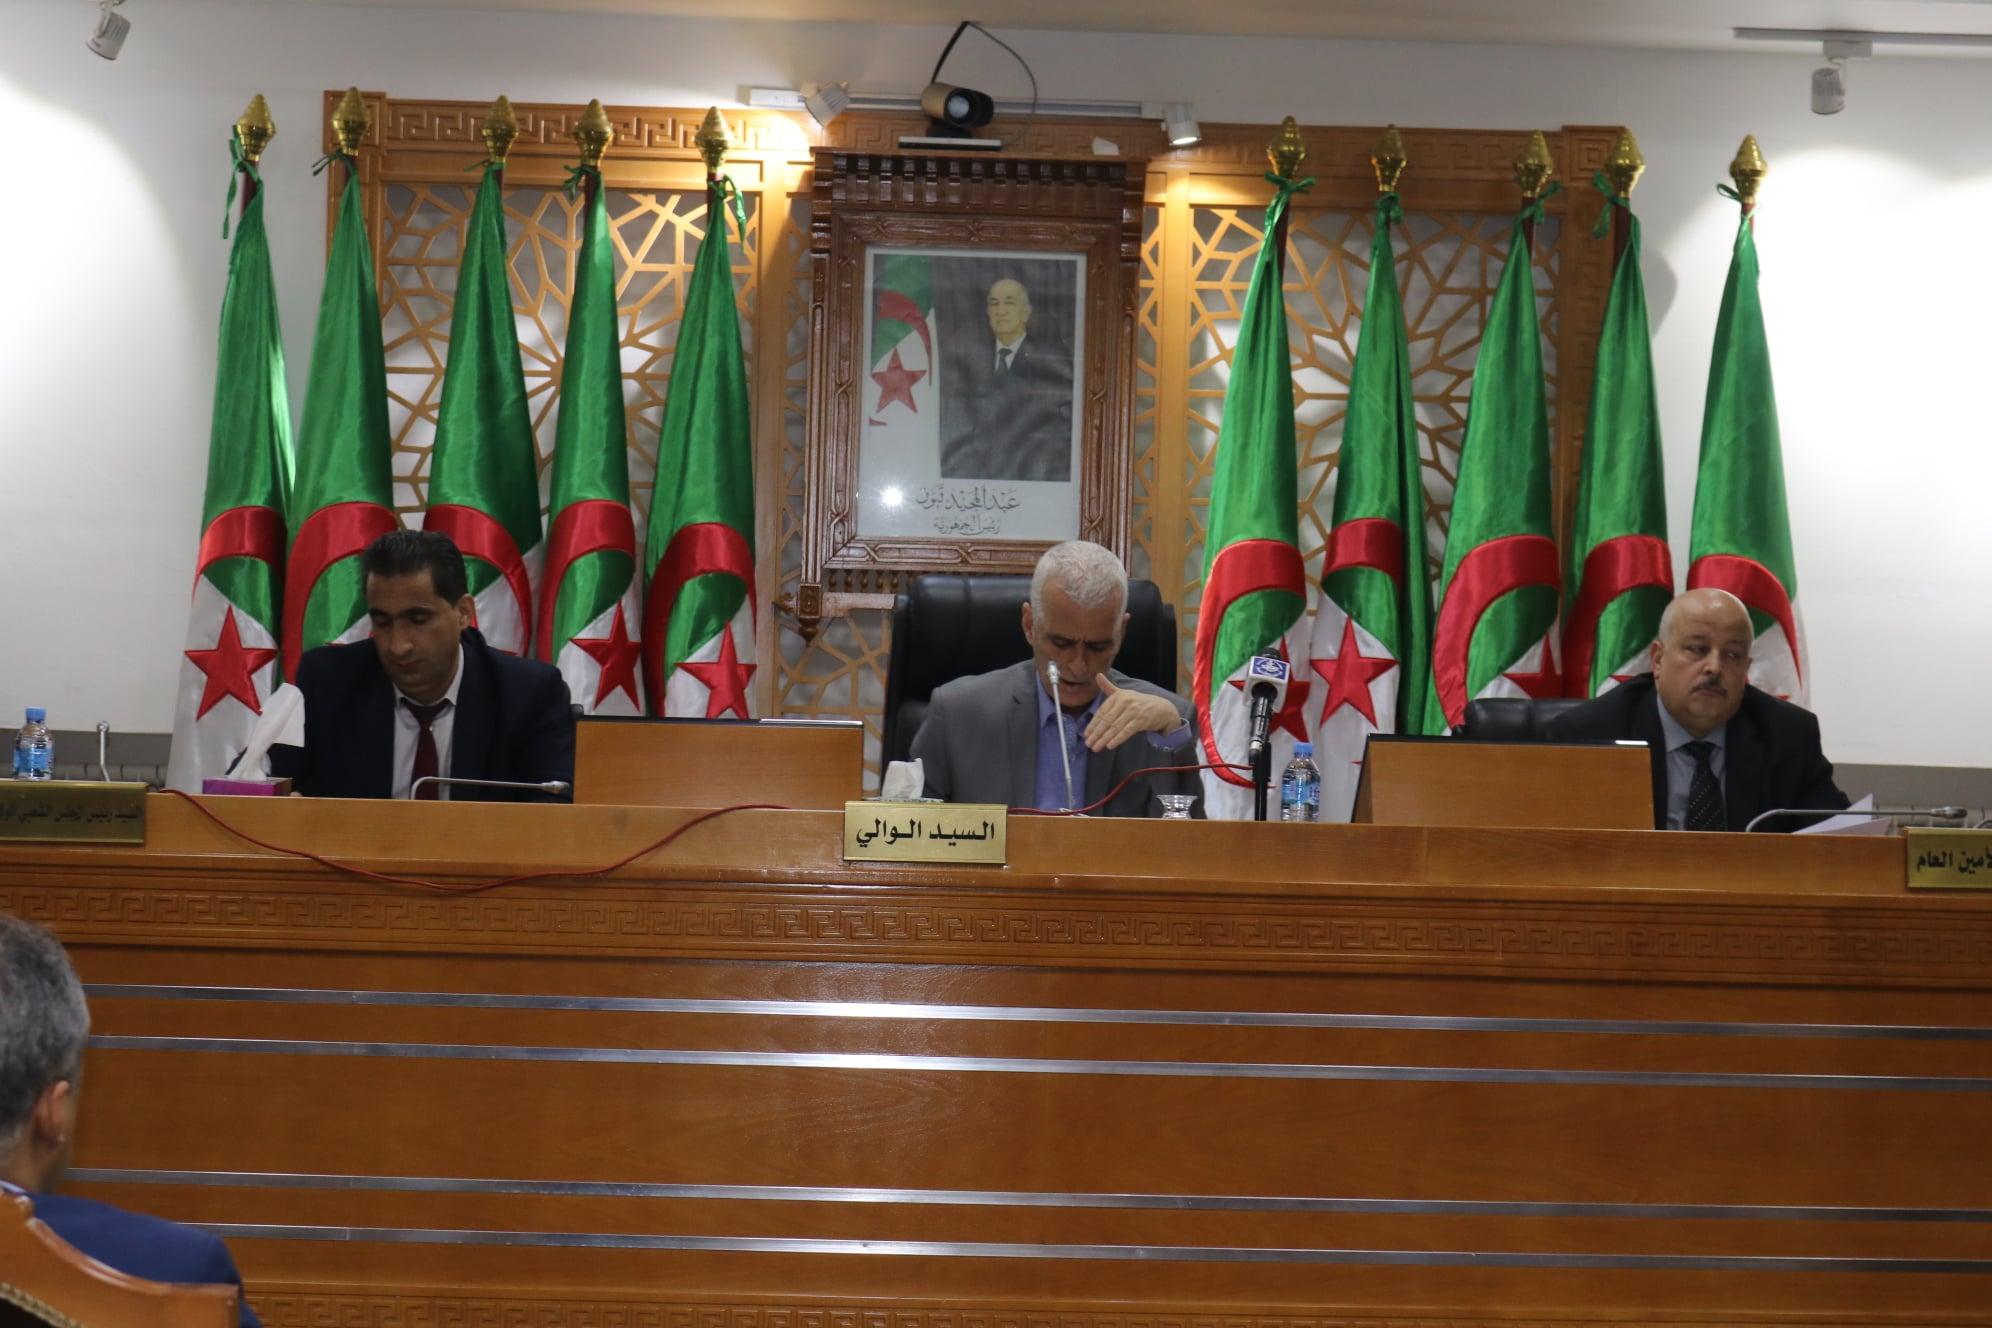 اجتماع المجلس الولائي الموسع بتاريخ 20-02-2021